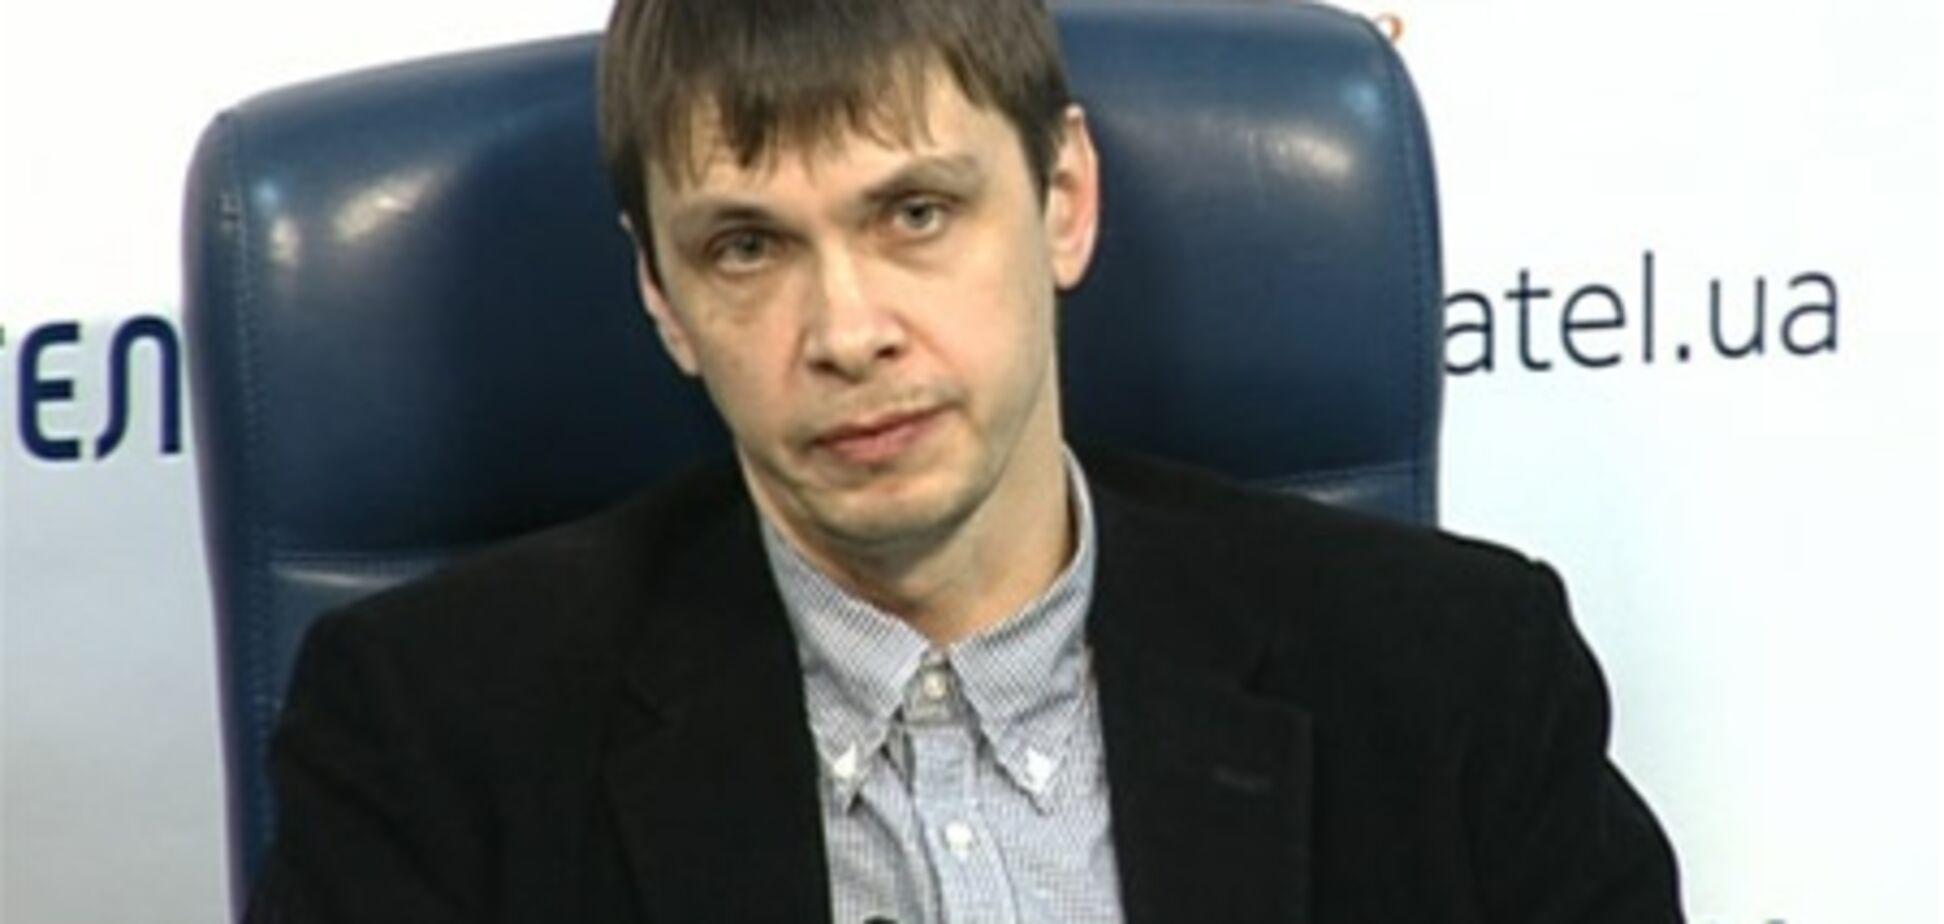 Є два способи знищення партії Тимошенко - політолог